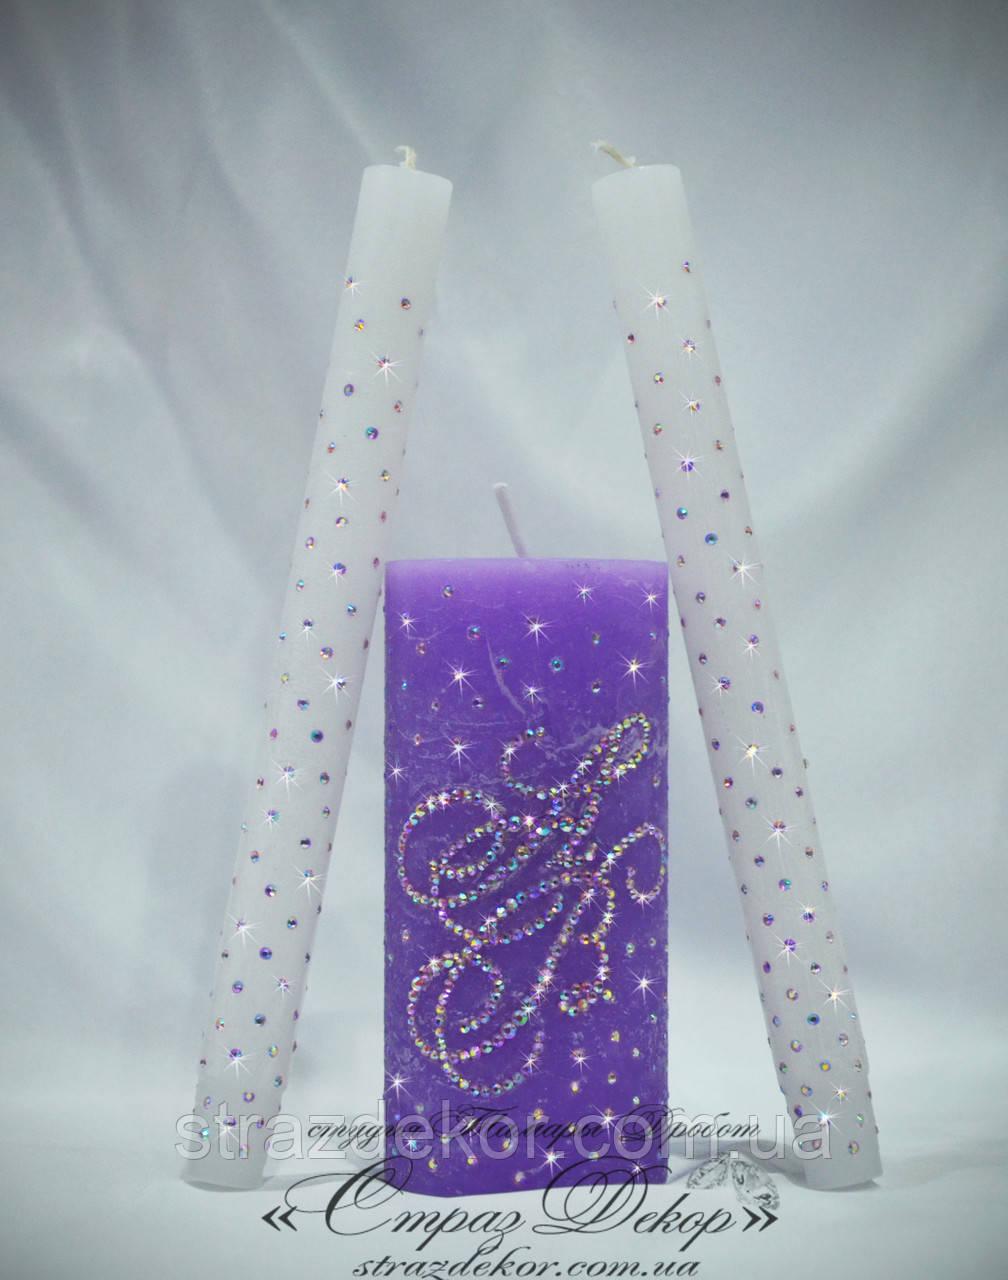 Набор свадебных свечей цветных с инициалами в цветных стразах